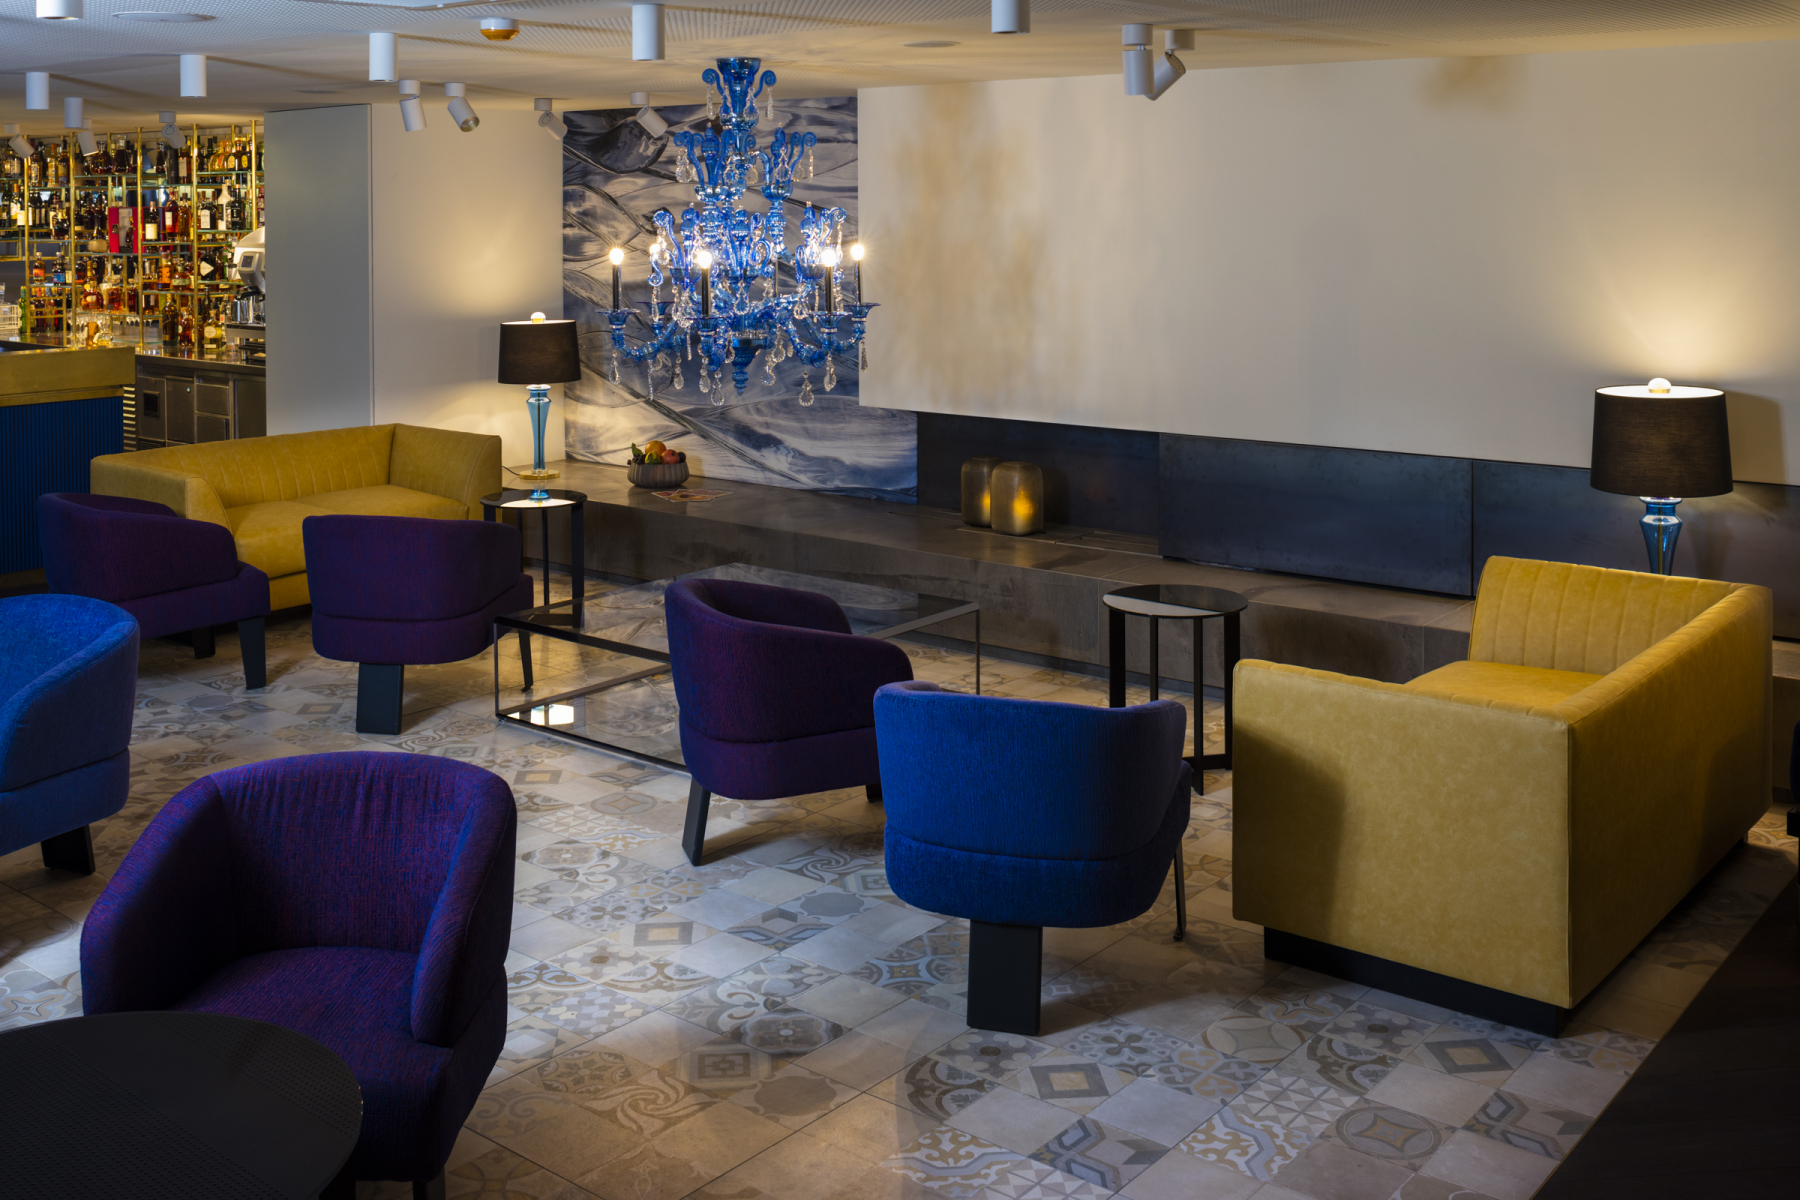 Hotel Stein, Lounge Space © 2018 Edmund Barr